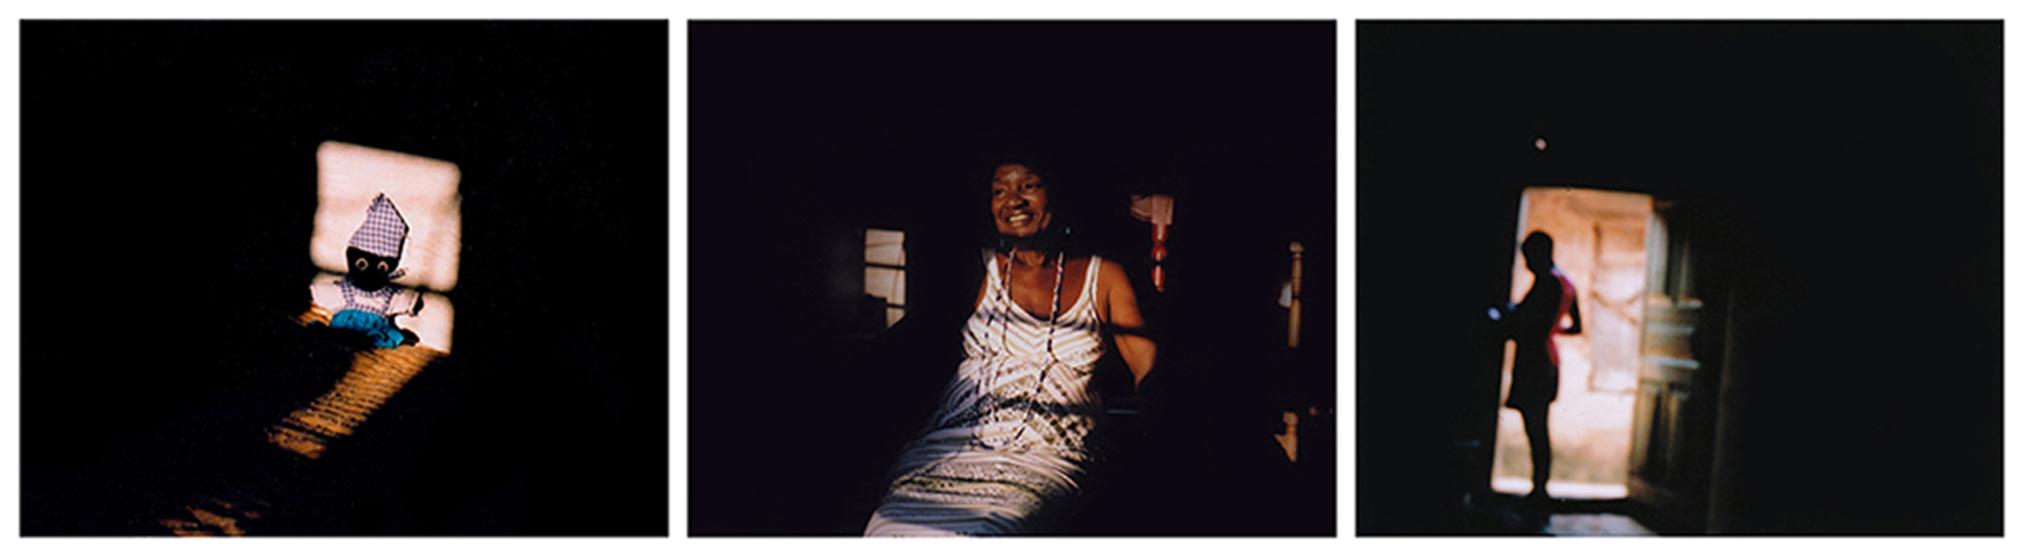 Cette poupée de Yemaya accompagne Tomasa Hernandez depuis quelques années. Cubaine, descendante d'esclaves yoruba, cette fille de Yemaya soutient que, dans l'enfer des plantations, la préservation de leur spiritualité est ce qui a aidé les Africains mis en esclavage à « sauvegarder leur humanité ». La Havane, Cuba, avril 2019. © Laeïla Adjovi // «Las raises de nosotros estan ahi». (« Nos racines sont là-bas ») dit Tomasa. Le collier de perles de sa mère est un de ses objets préférés. Chaque orisha a ses perles rituelles et ses couleurs – le bleu et le blanc de Yemaya se retrouve aussi de l'autre côté, au Bénin et au Nigéria. La Havane, Cuba, avril 2019. © Laeïla Adjovi // « Dans la spiritualité yoruba, avoir un bon caractère est crucial. 'Iwapele' est un concept très important» détaille Omitonade Ifawemimo, prêtresse de Yemoja au Nigéria. 'Iwa' signifie caratère, et 'pele' veut dire 'doux'. «Ma religion n'est pas parfaite», et parmi les pratiquants, «il y a les bons et les mauvais », admet Omitonade. Mais elle refuse que sa foi soit réduite à de la sorcellerie, et continue de revendiquer sa part de lumière. Ibadan, Nigéria, novembre 2018. © Laeïla Adjovi